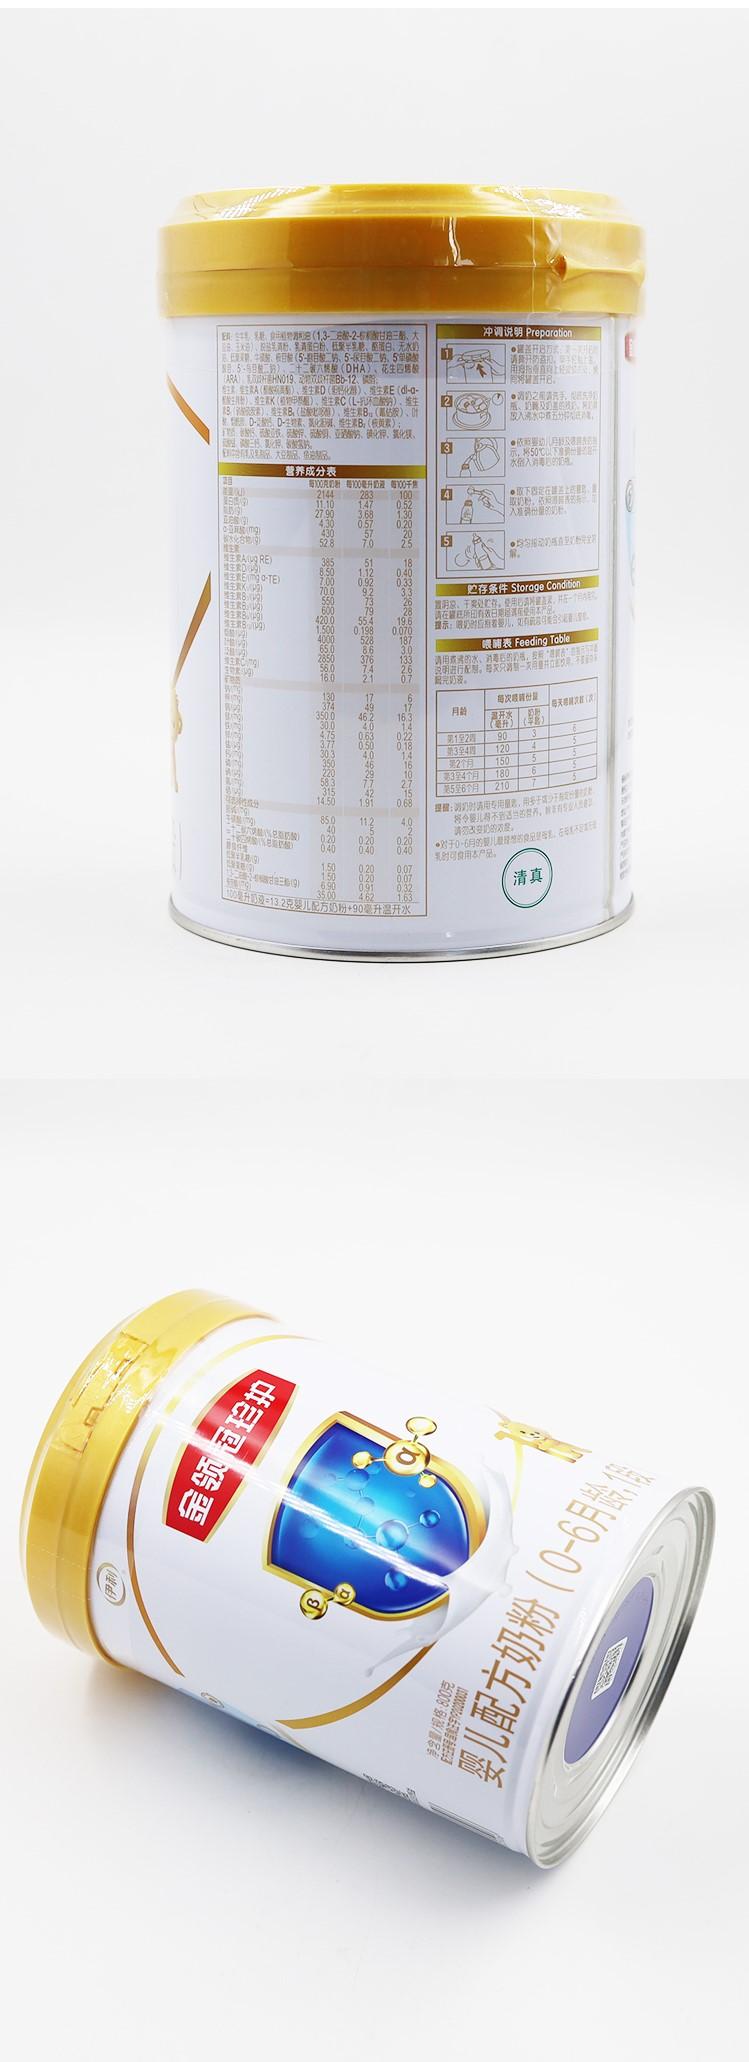 买送金领冠珍护段婴儿配方奶粉克一段实体店正品防伪溯源详细照片